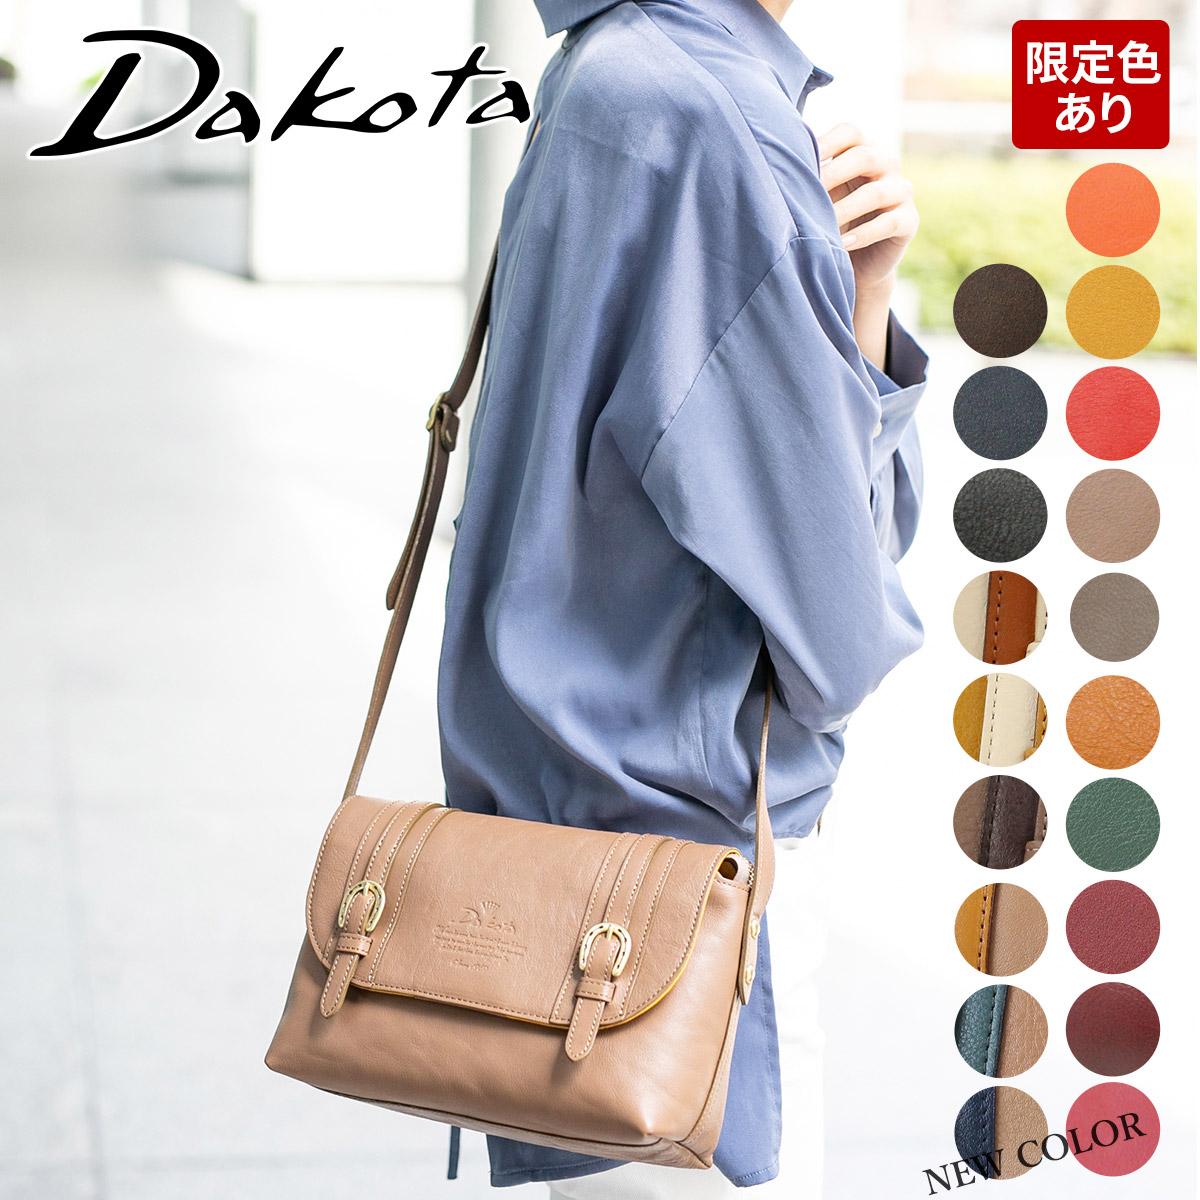 51134b24ded2b2 【7/11迄☆ケアセット+Wプレゼント付】 Dakota ダコタ バッグキューブ